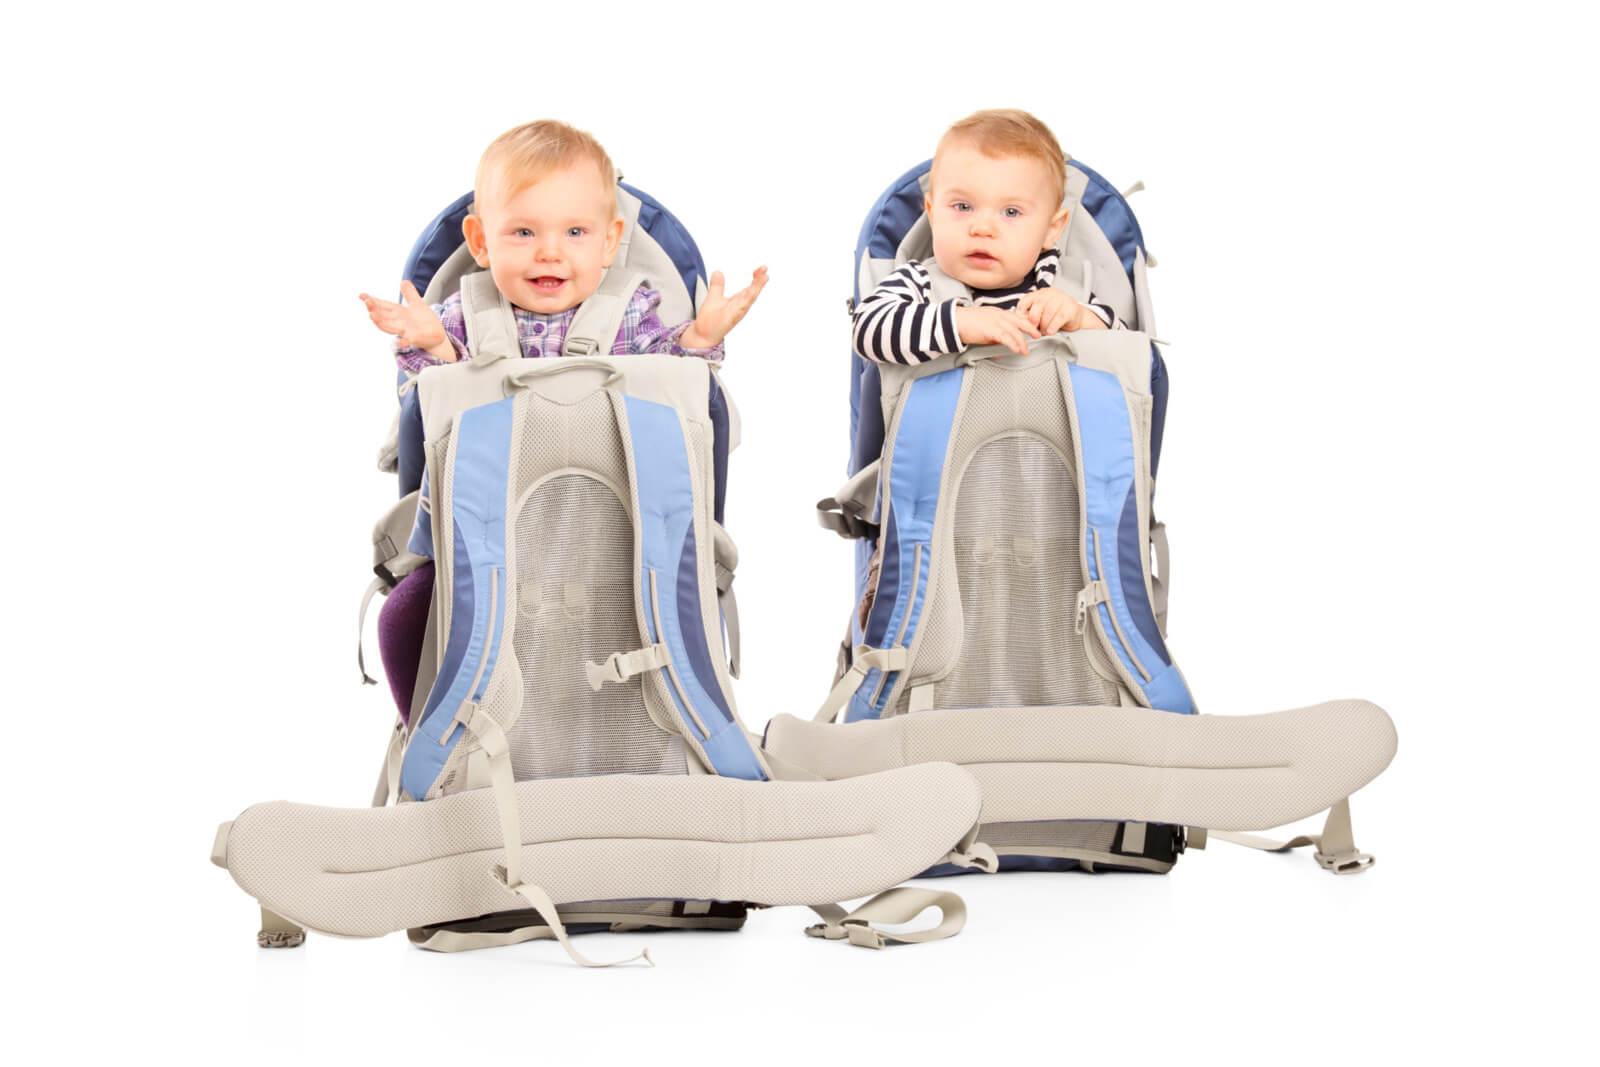 da01c062449 Twin Baby Carrier - Parenting   Pregnancy - Newborn